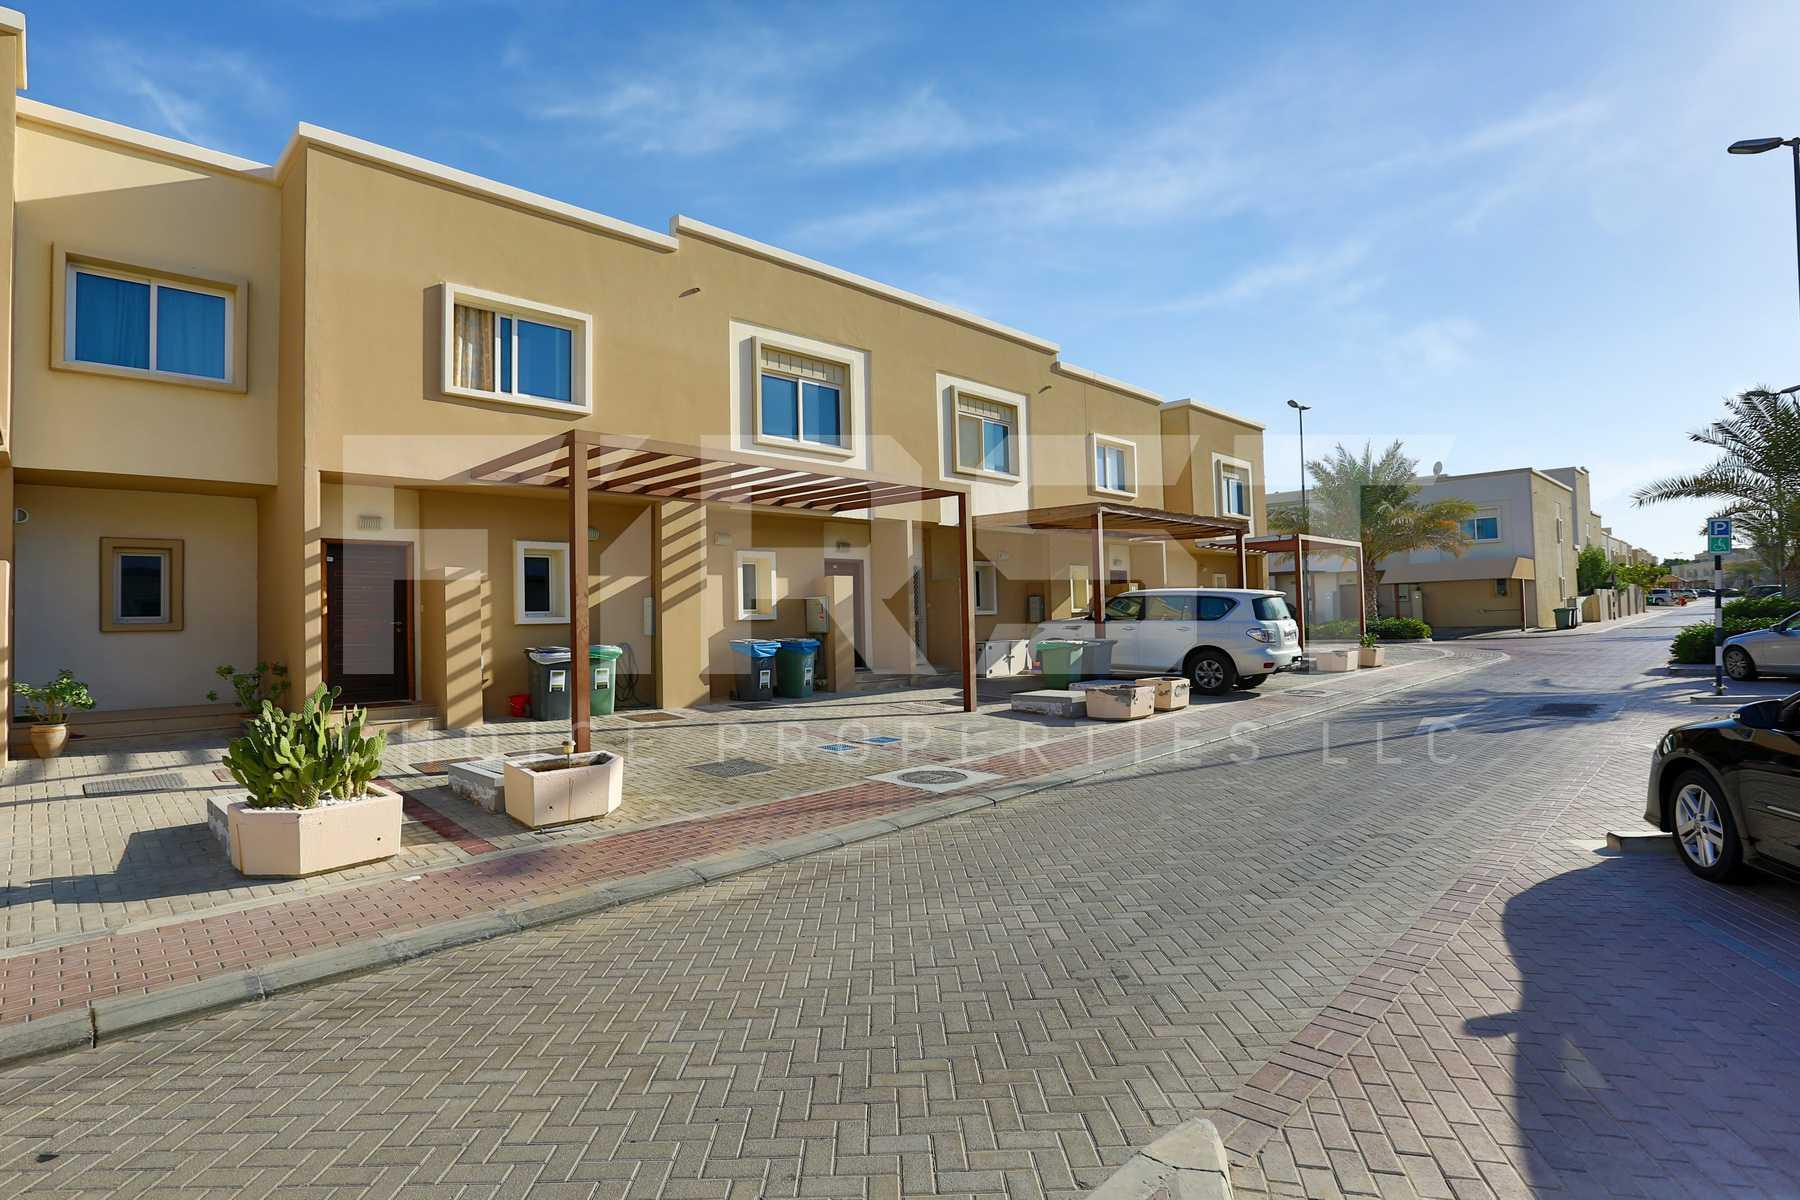 External Photo of Arabian Village Al Reef Villas Al Reef Abu Dhabi UAE (20).jpg